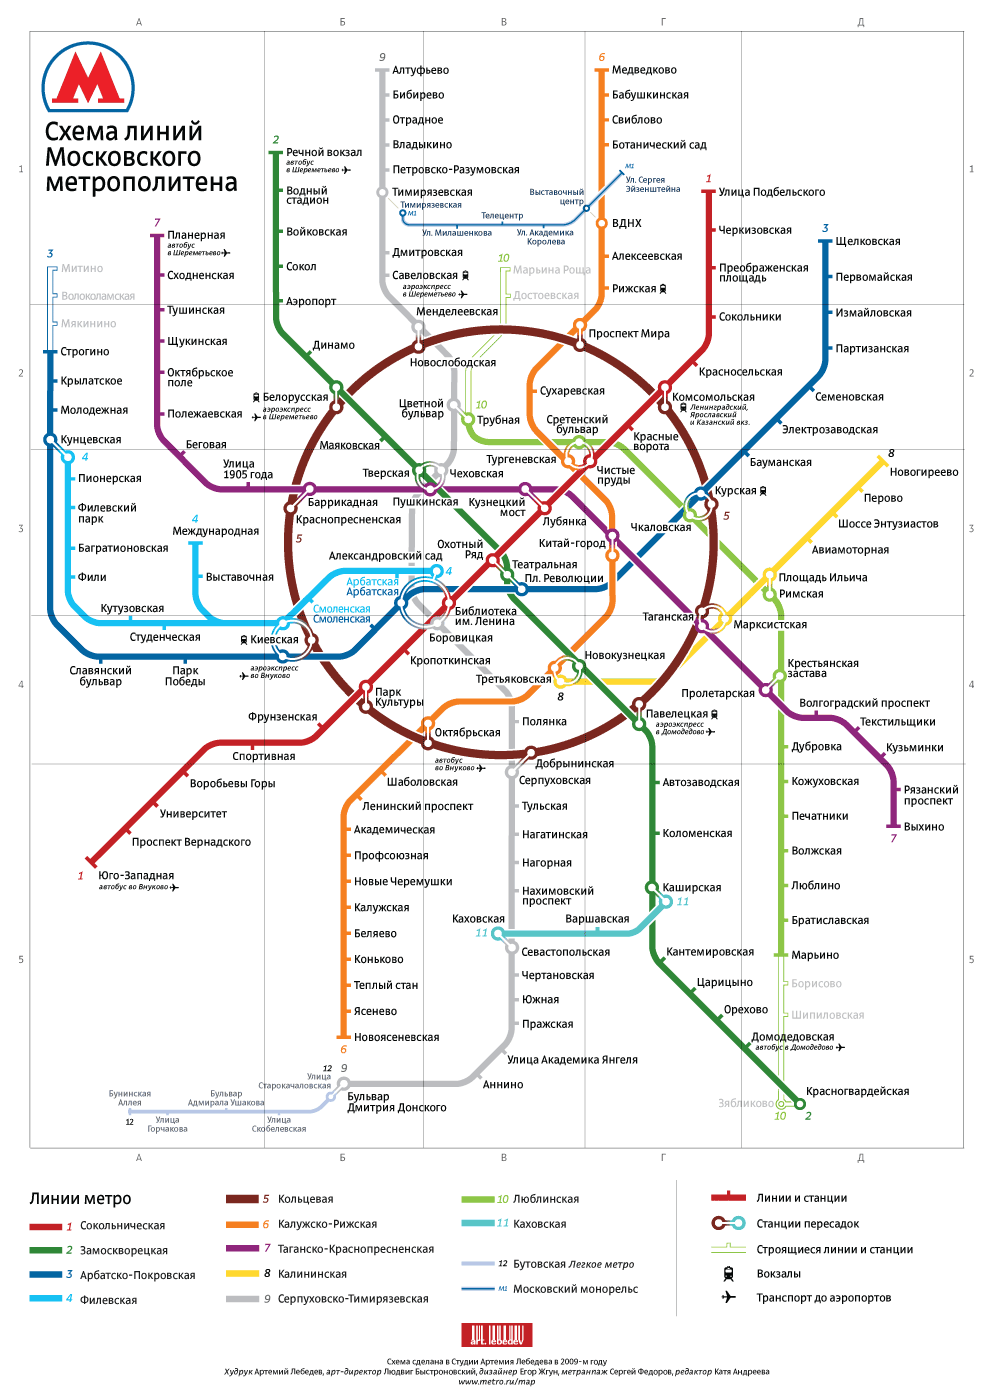 схема метро лонодона по зонам